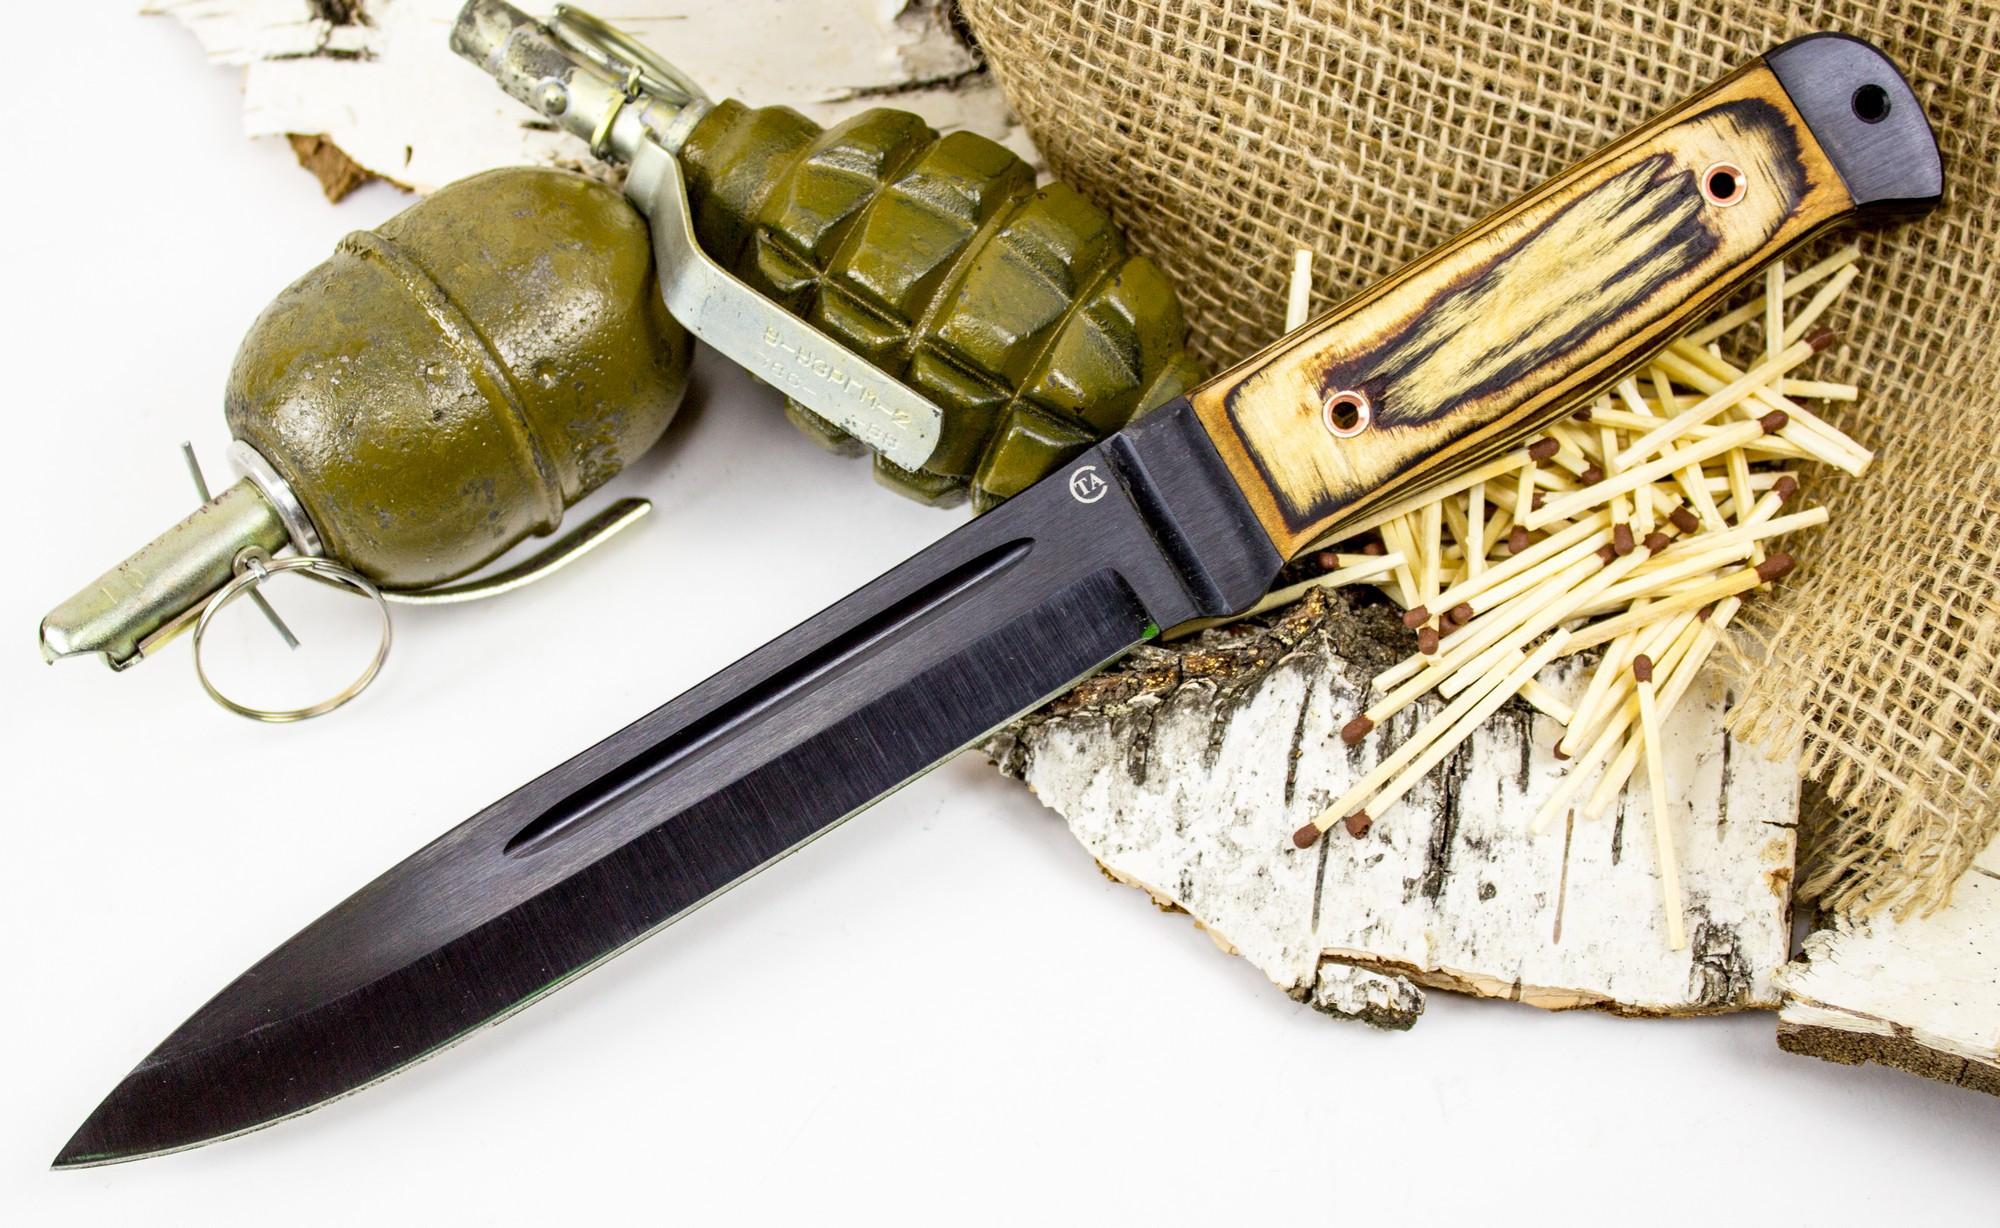 Нож Горец-2, сталь 65Г, бакелитовая фанераНожи Ворсма<br>Эта модель выполнена по мотивам армейских ножей и штыков. Всем, кто интересуется выживанием в дикой природе, мы рекомендуем обратить внимание на эту модель. Клинок ножа выполнен из стали с высоким сопротивлением к коррозии. На клинке размещено черное матовое покрытие, которые увеличивает срок службы ножа. Накладки рукояти выполнены из многослойной фанеры, которая не впитывает влагу. Металлический тыльник ножа можно использовать в качестве молотка.<br>